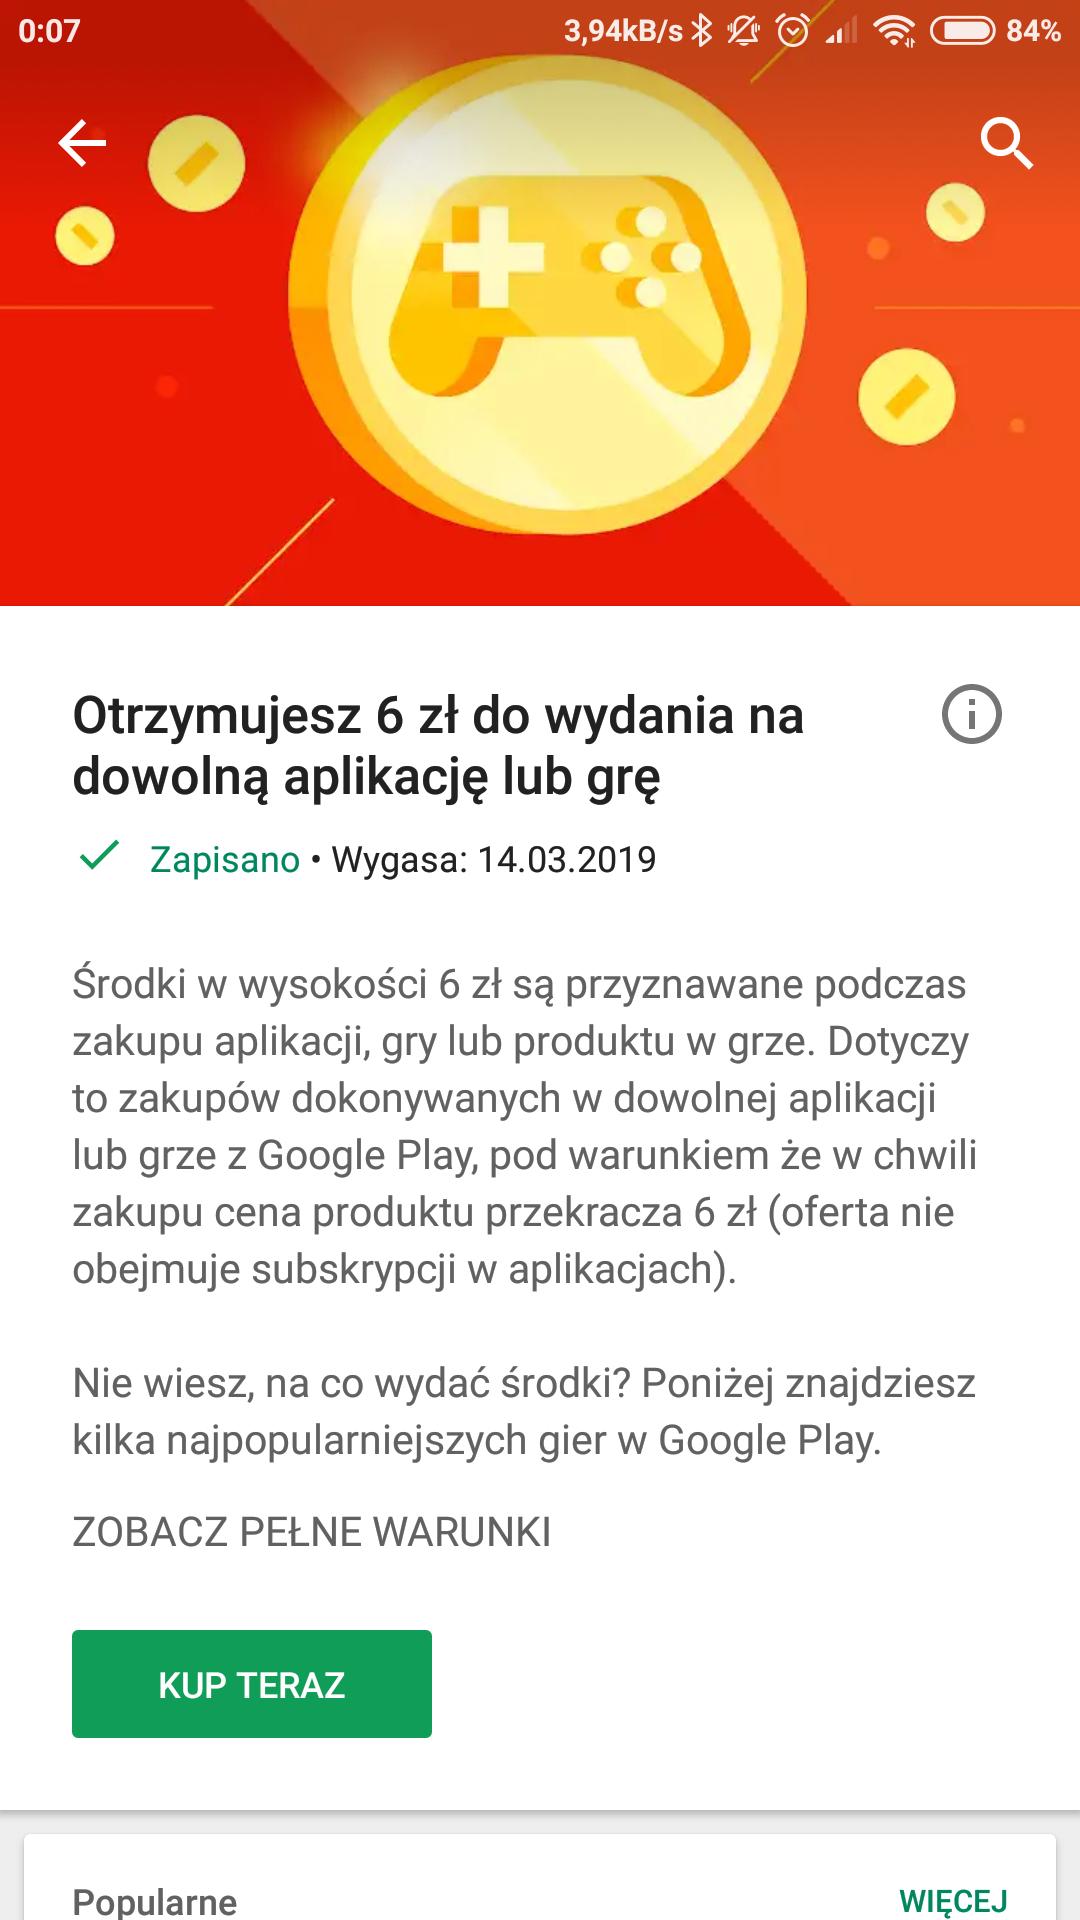 -6 zł w Google Play